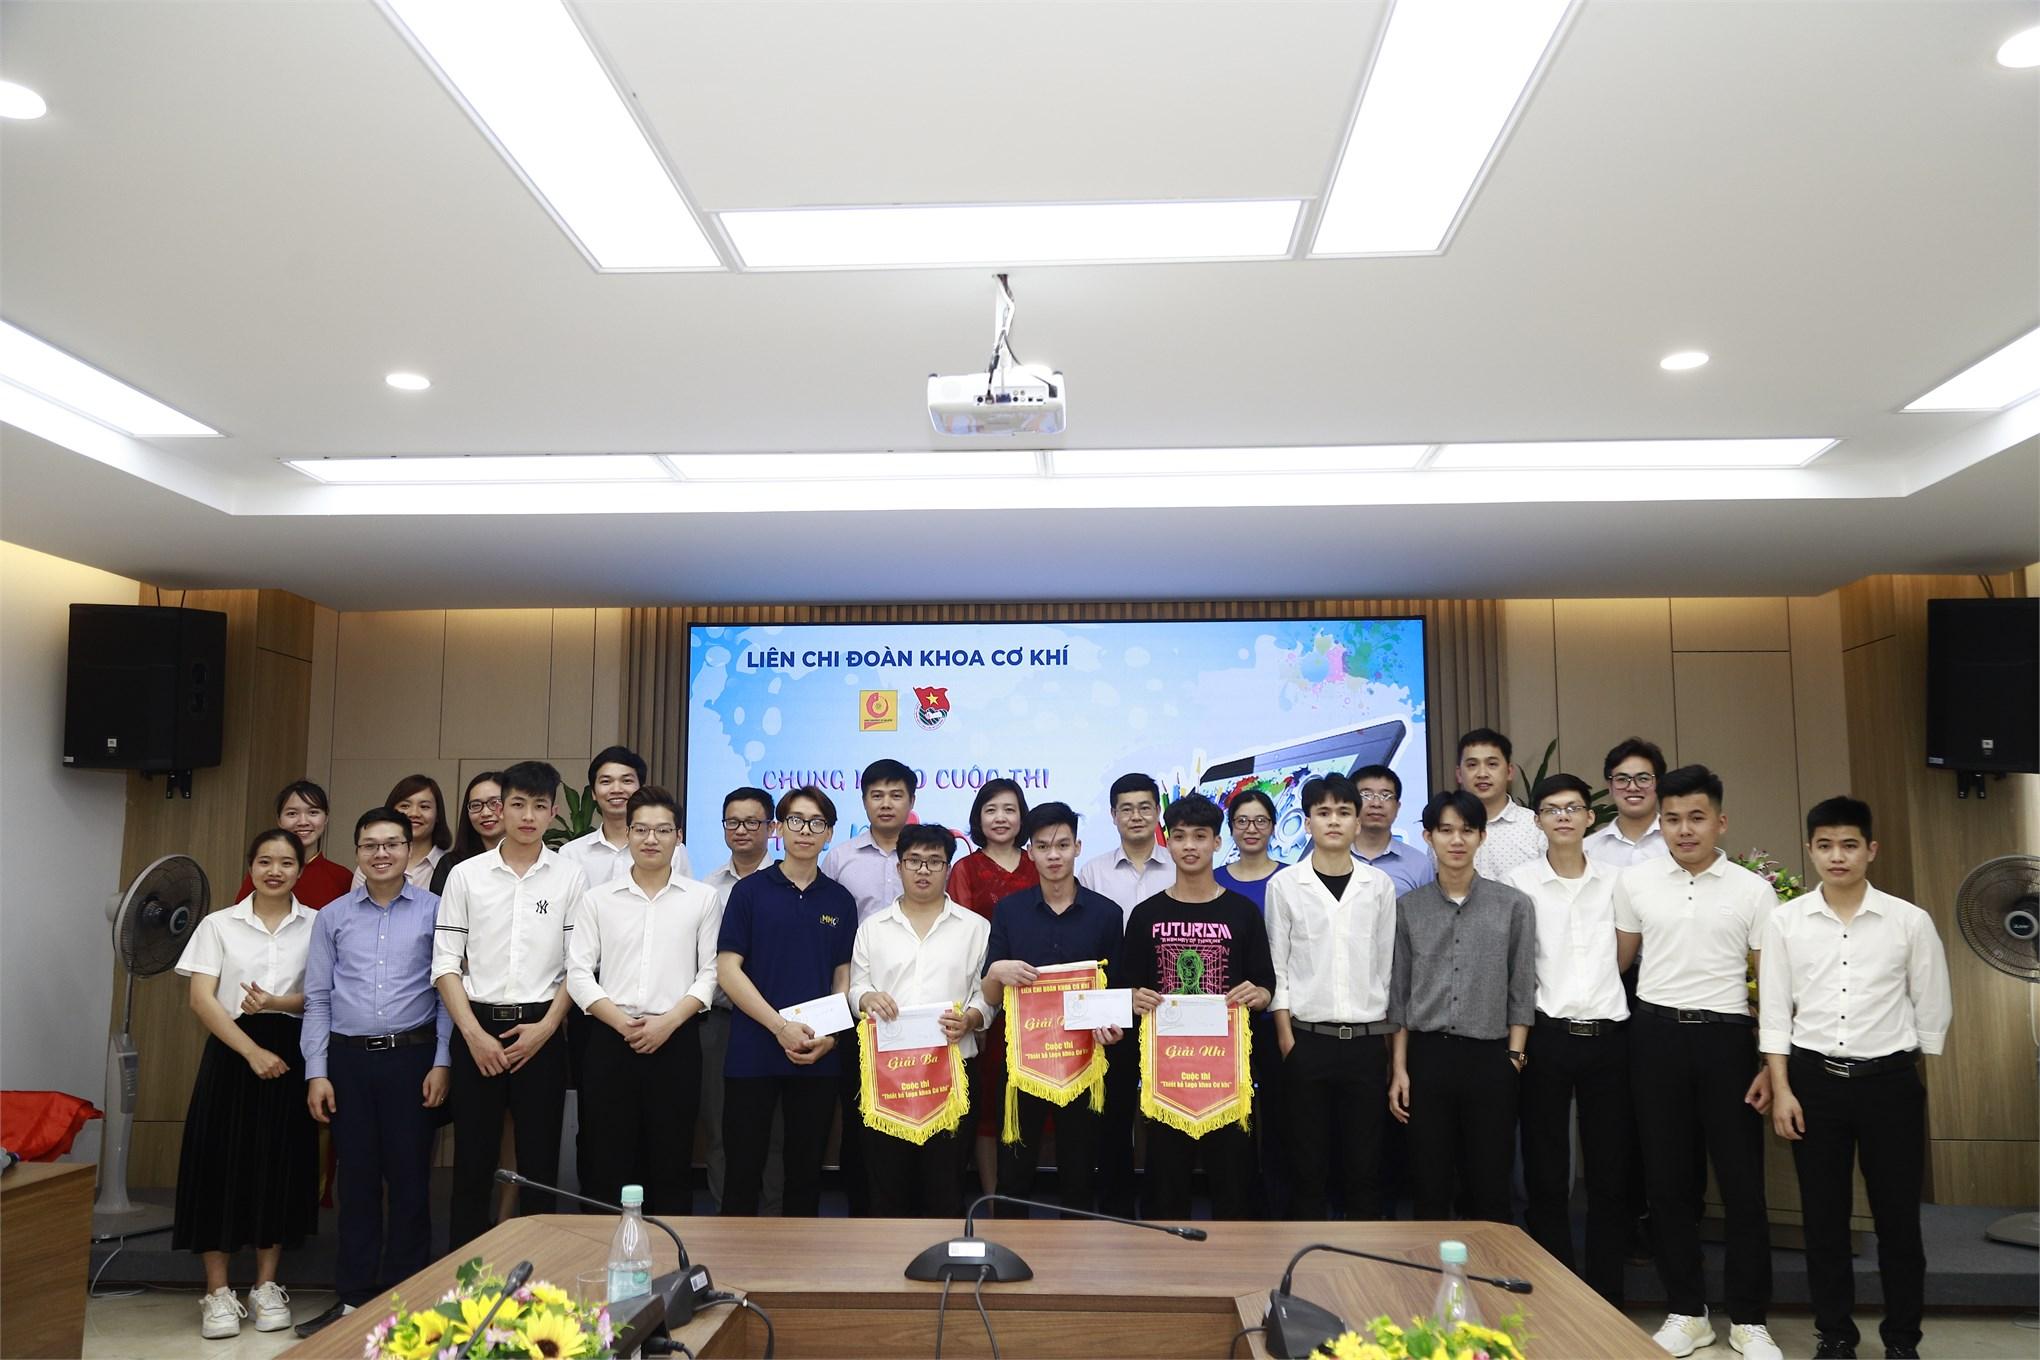 Sinh viên Khoa Công nghệ ô tô giành giải nhất trong cuộc thi thiết kế logo khoa cơ khí